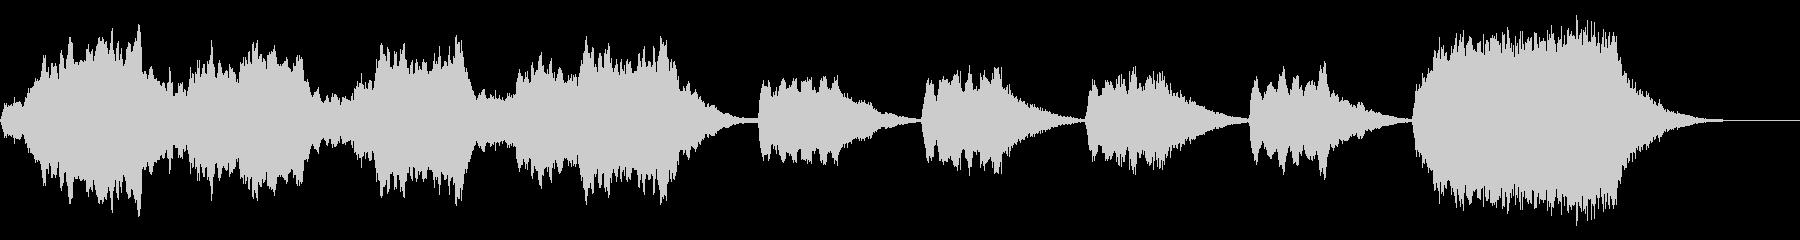 ストリングス系30秒ジングル 失ったモノの未再生の波形